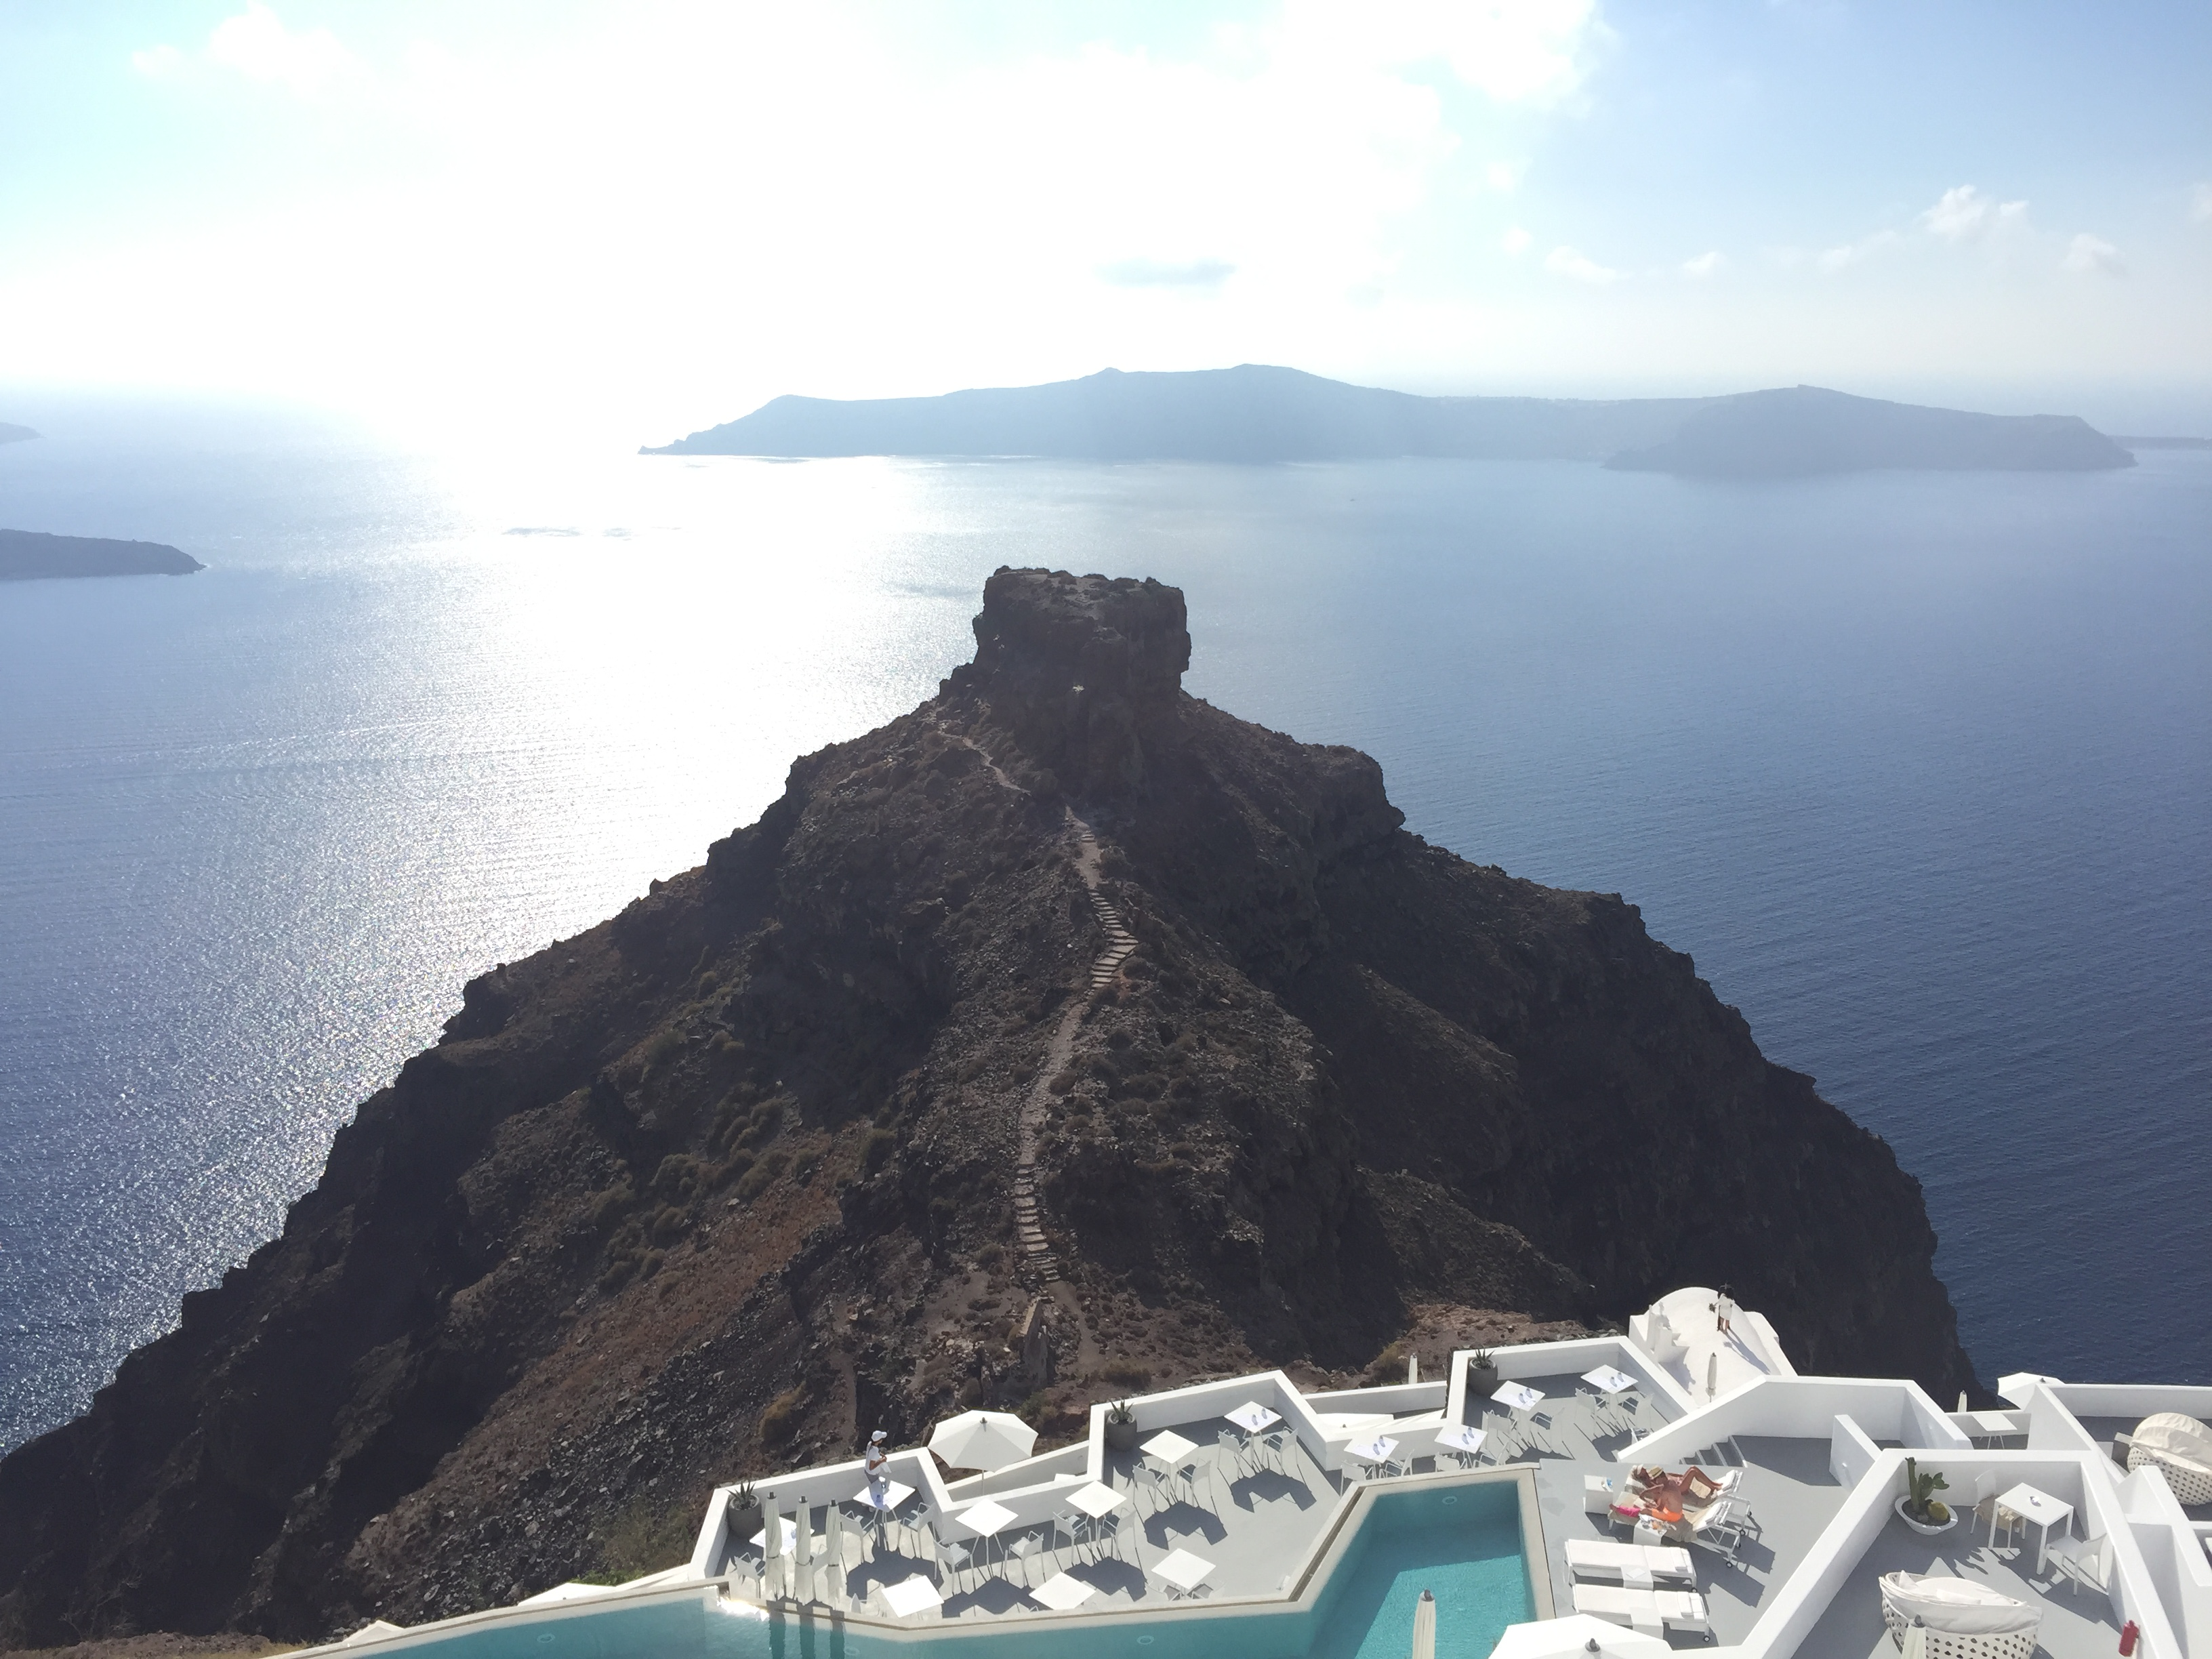 Santorini View - Alt Text